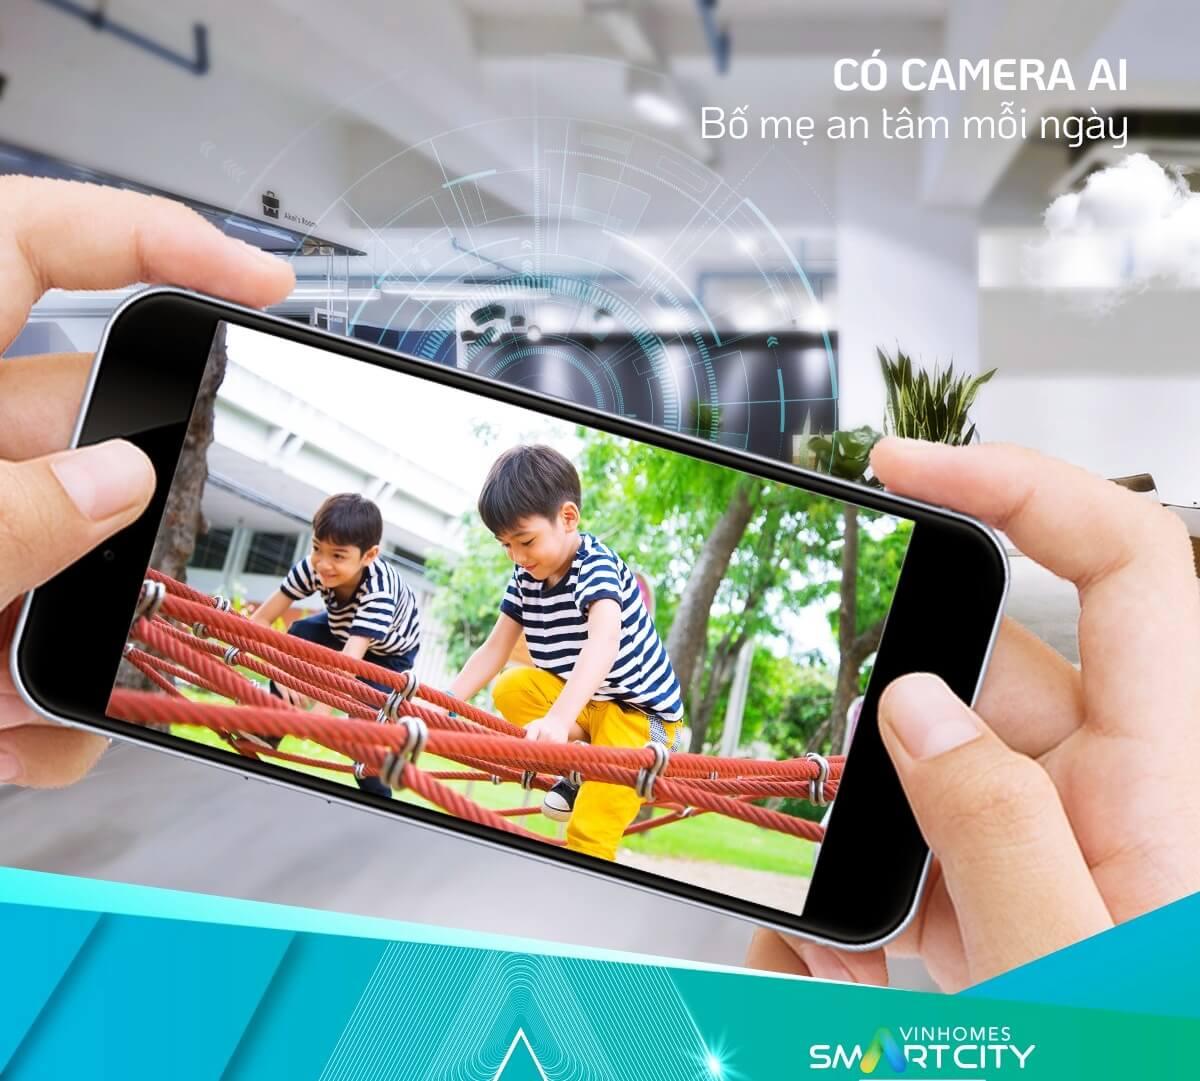 Camera AI kiểm soát trẻ nhỏ dễ dàng cùng Vinhomes Tây Mỗ Đại Mỗ